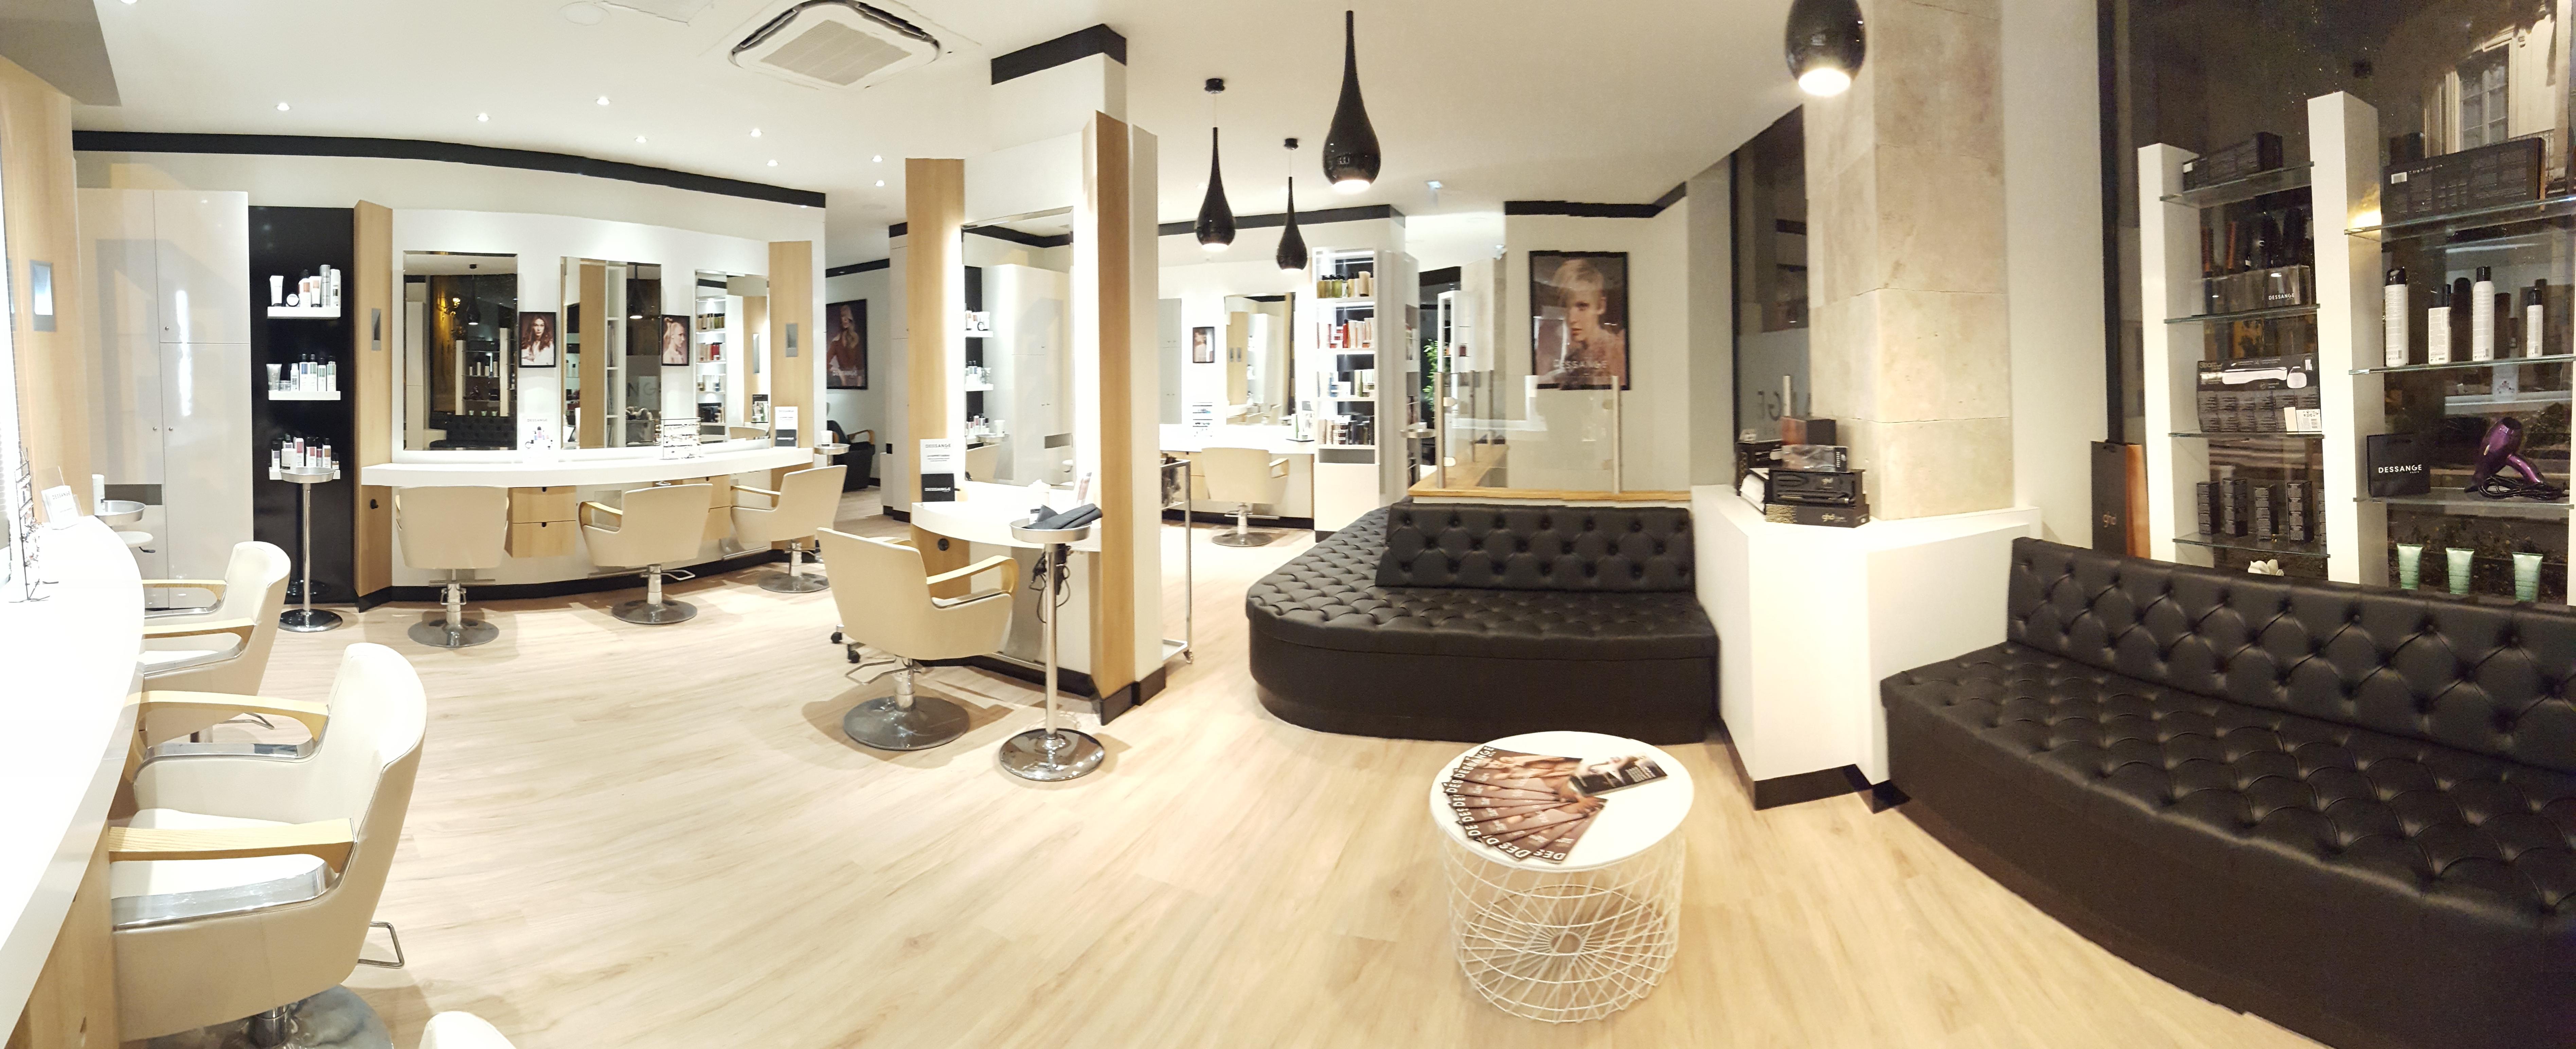 Salon de coiffure montpellier dessange - Salon de massage montpellier ...